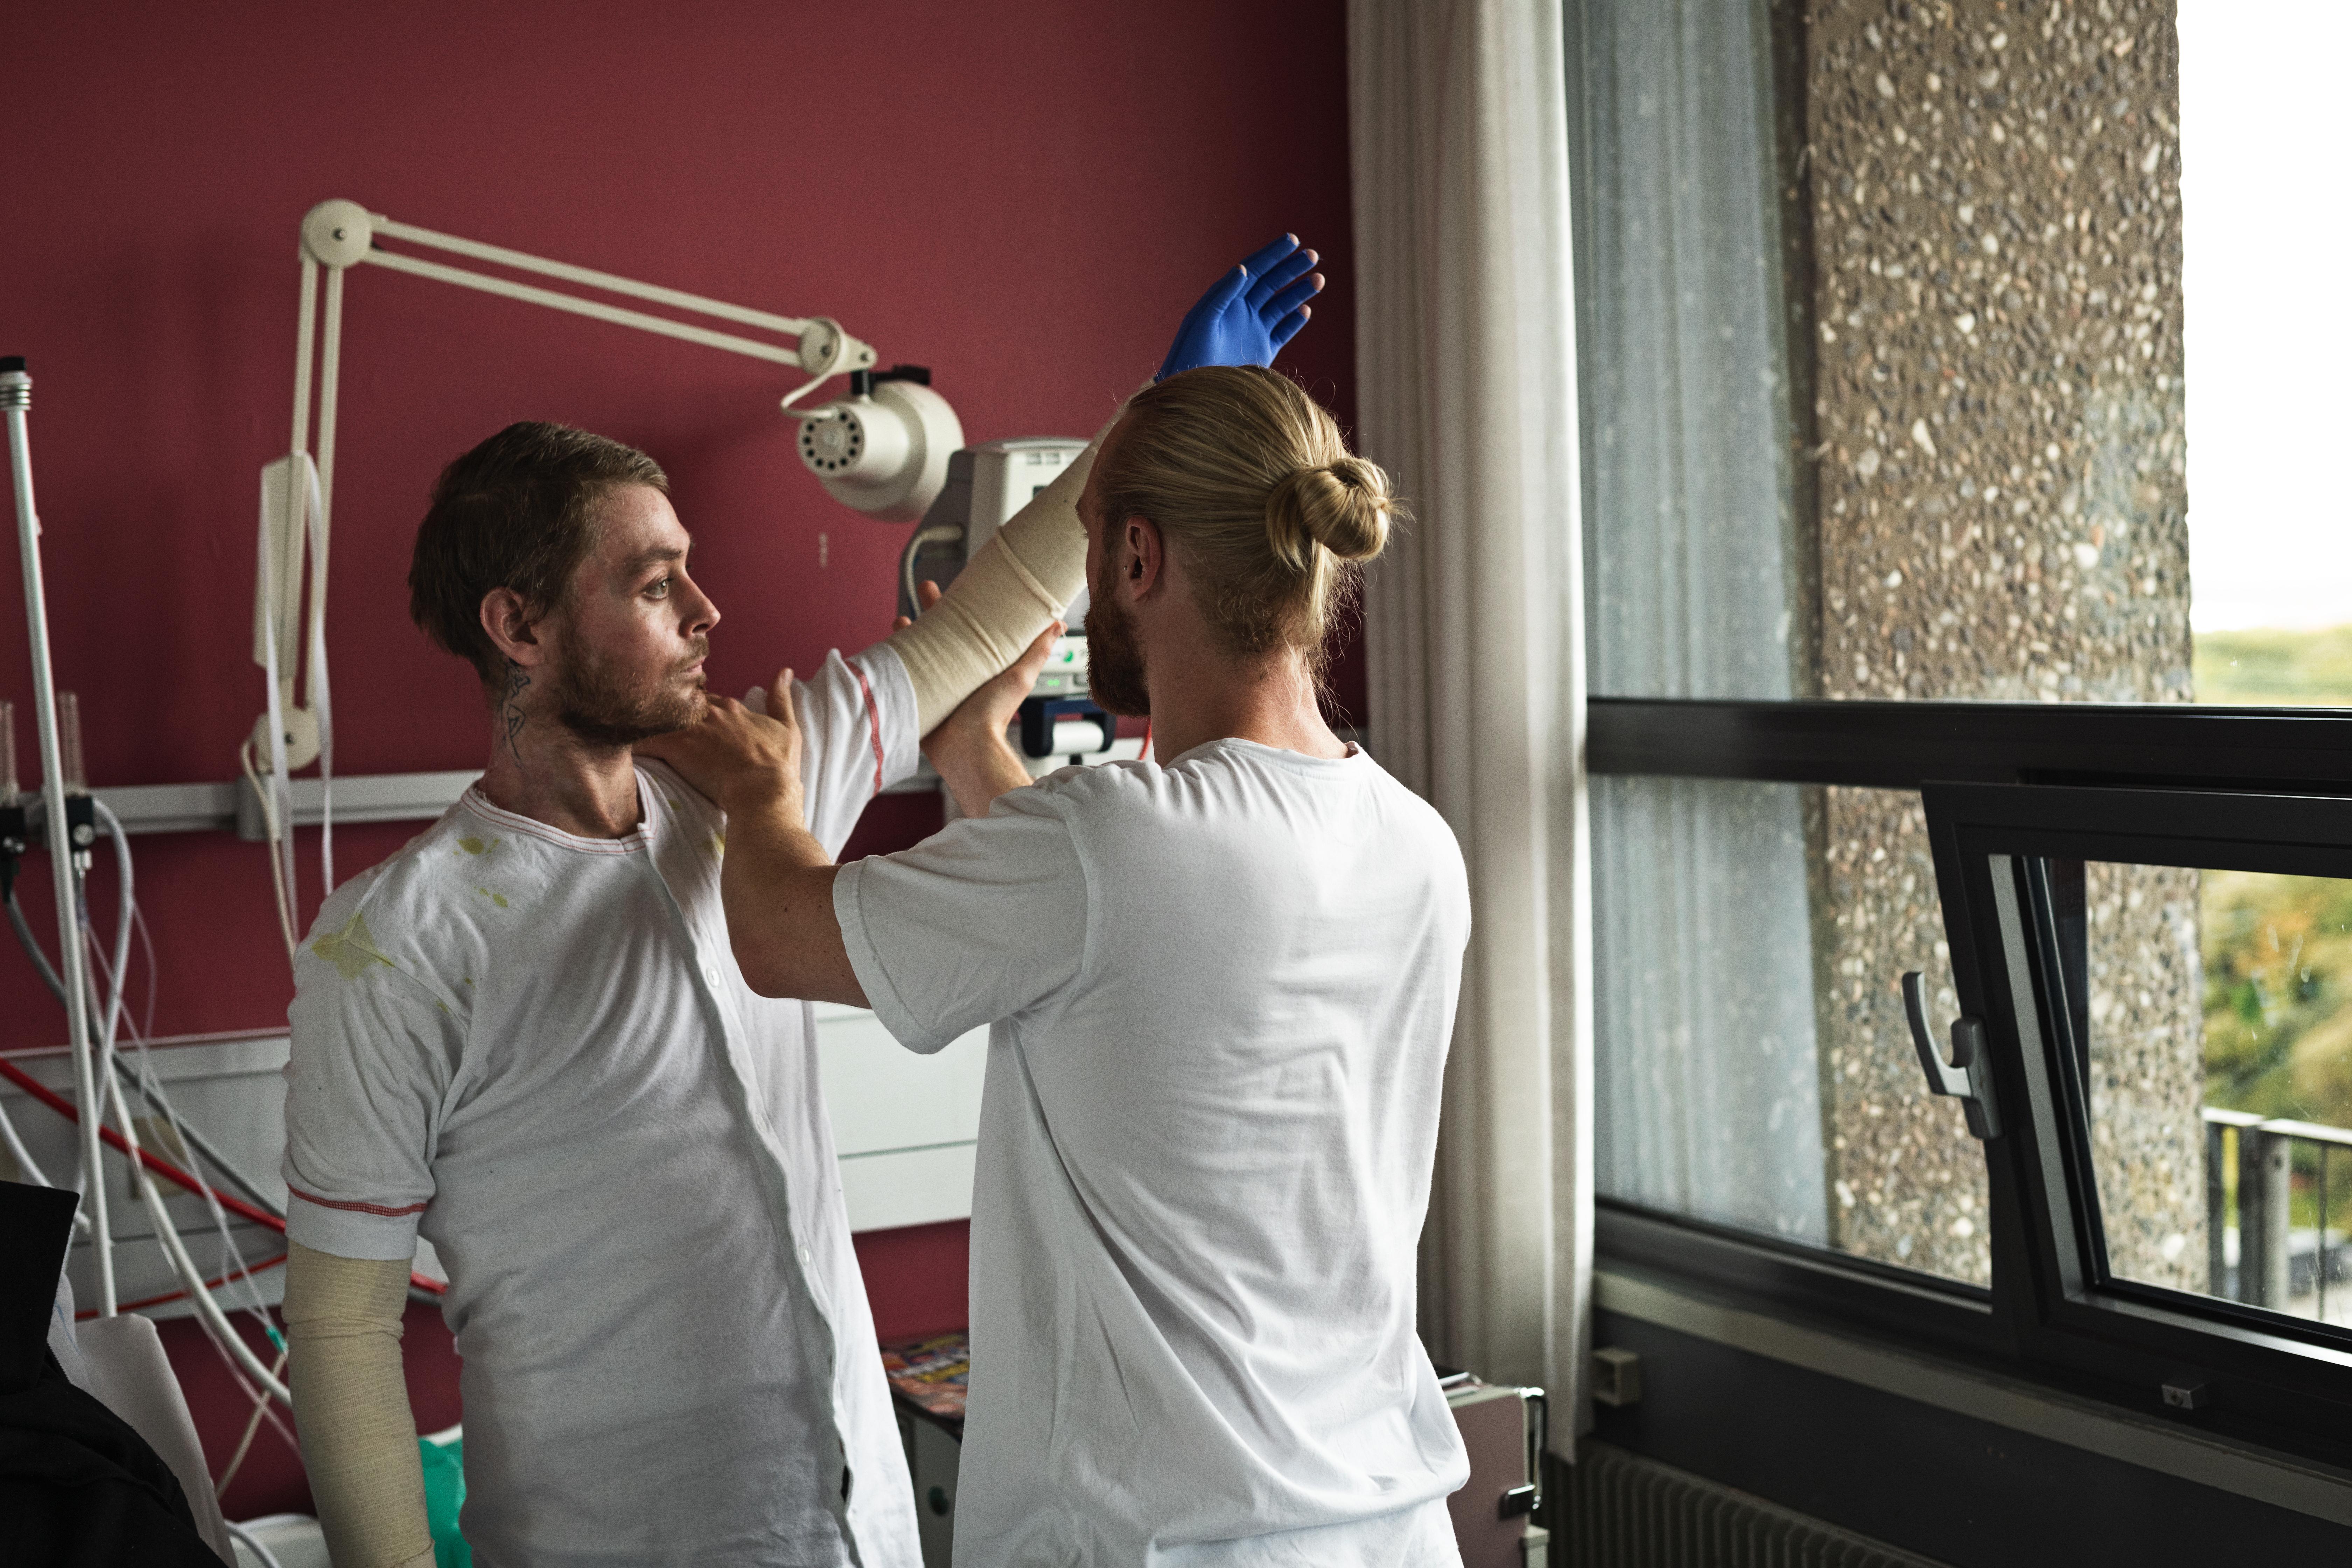 Fysioterapeut Nicklas Giver og Jack træner. (Foto: BuroJantzen).